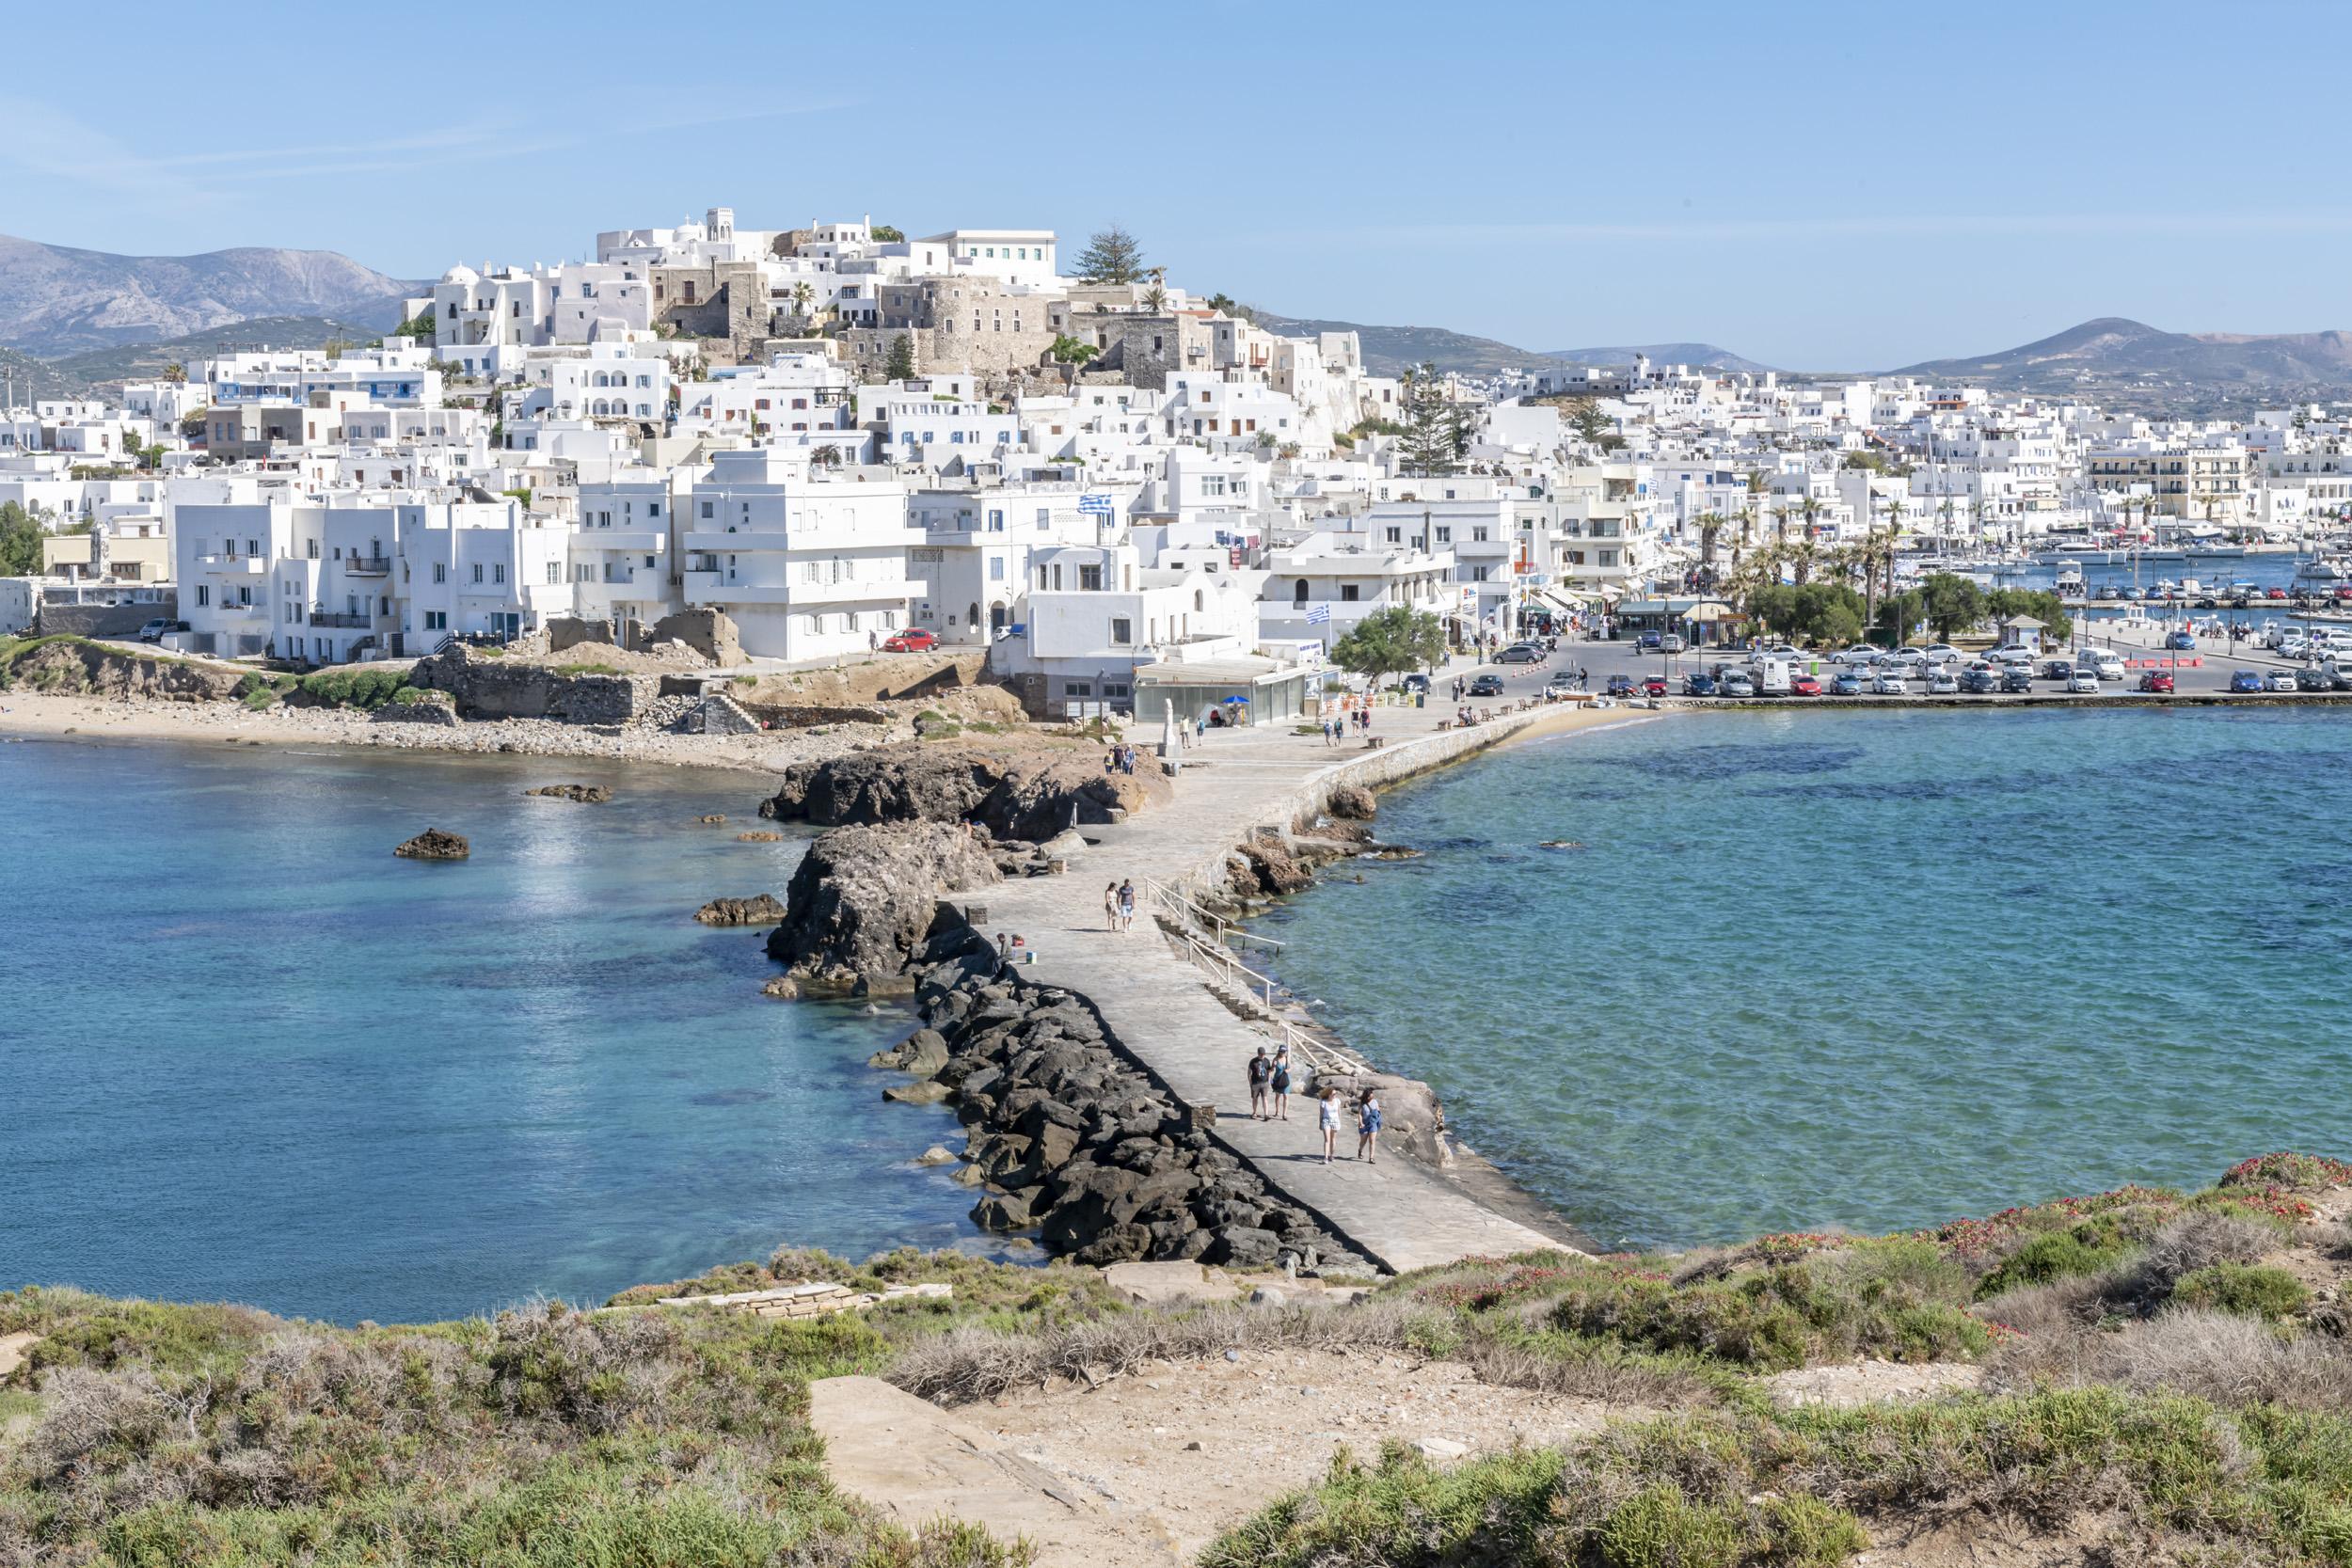 Road to Naxos - Naxos, Greece